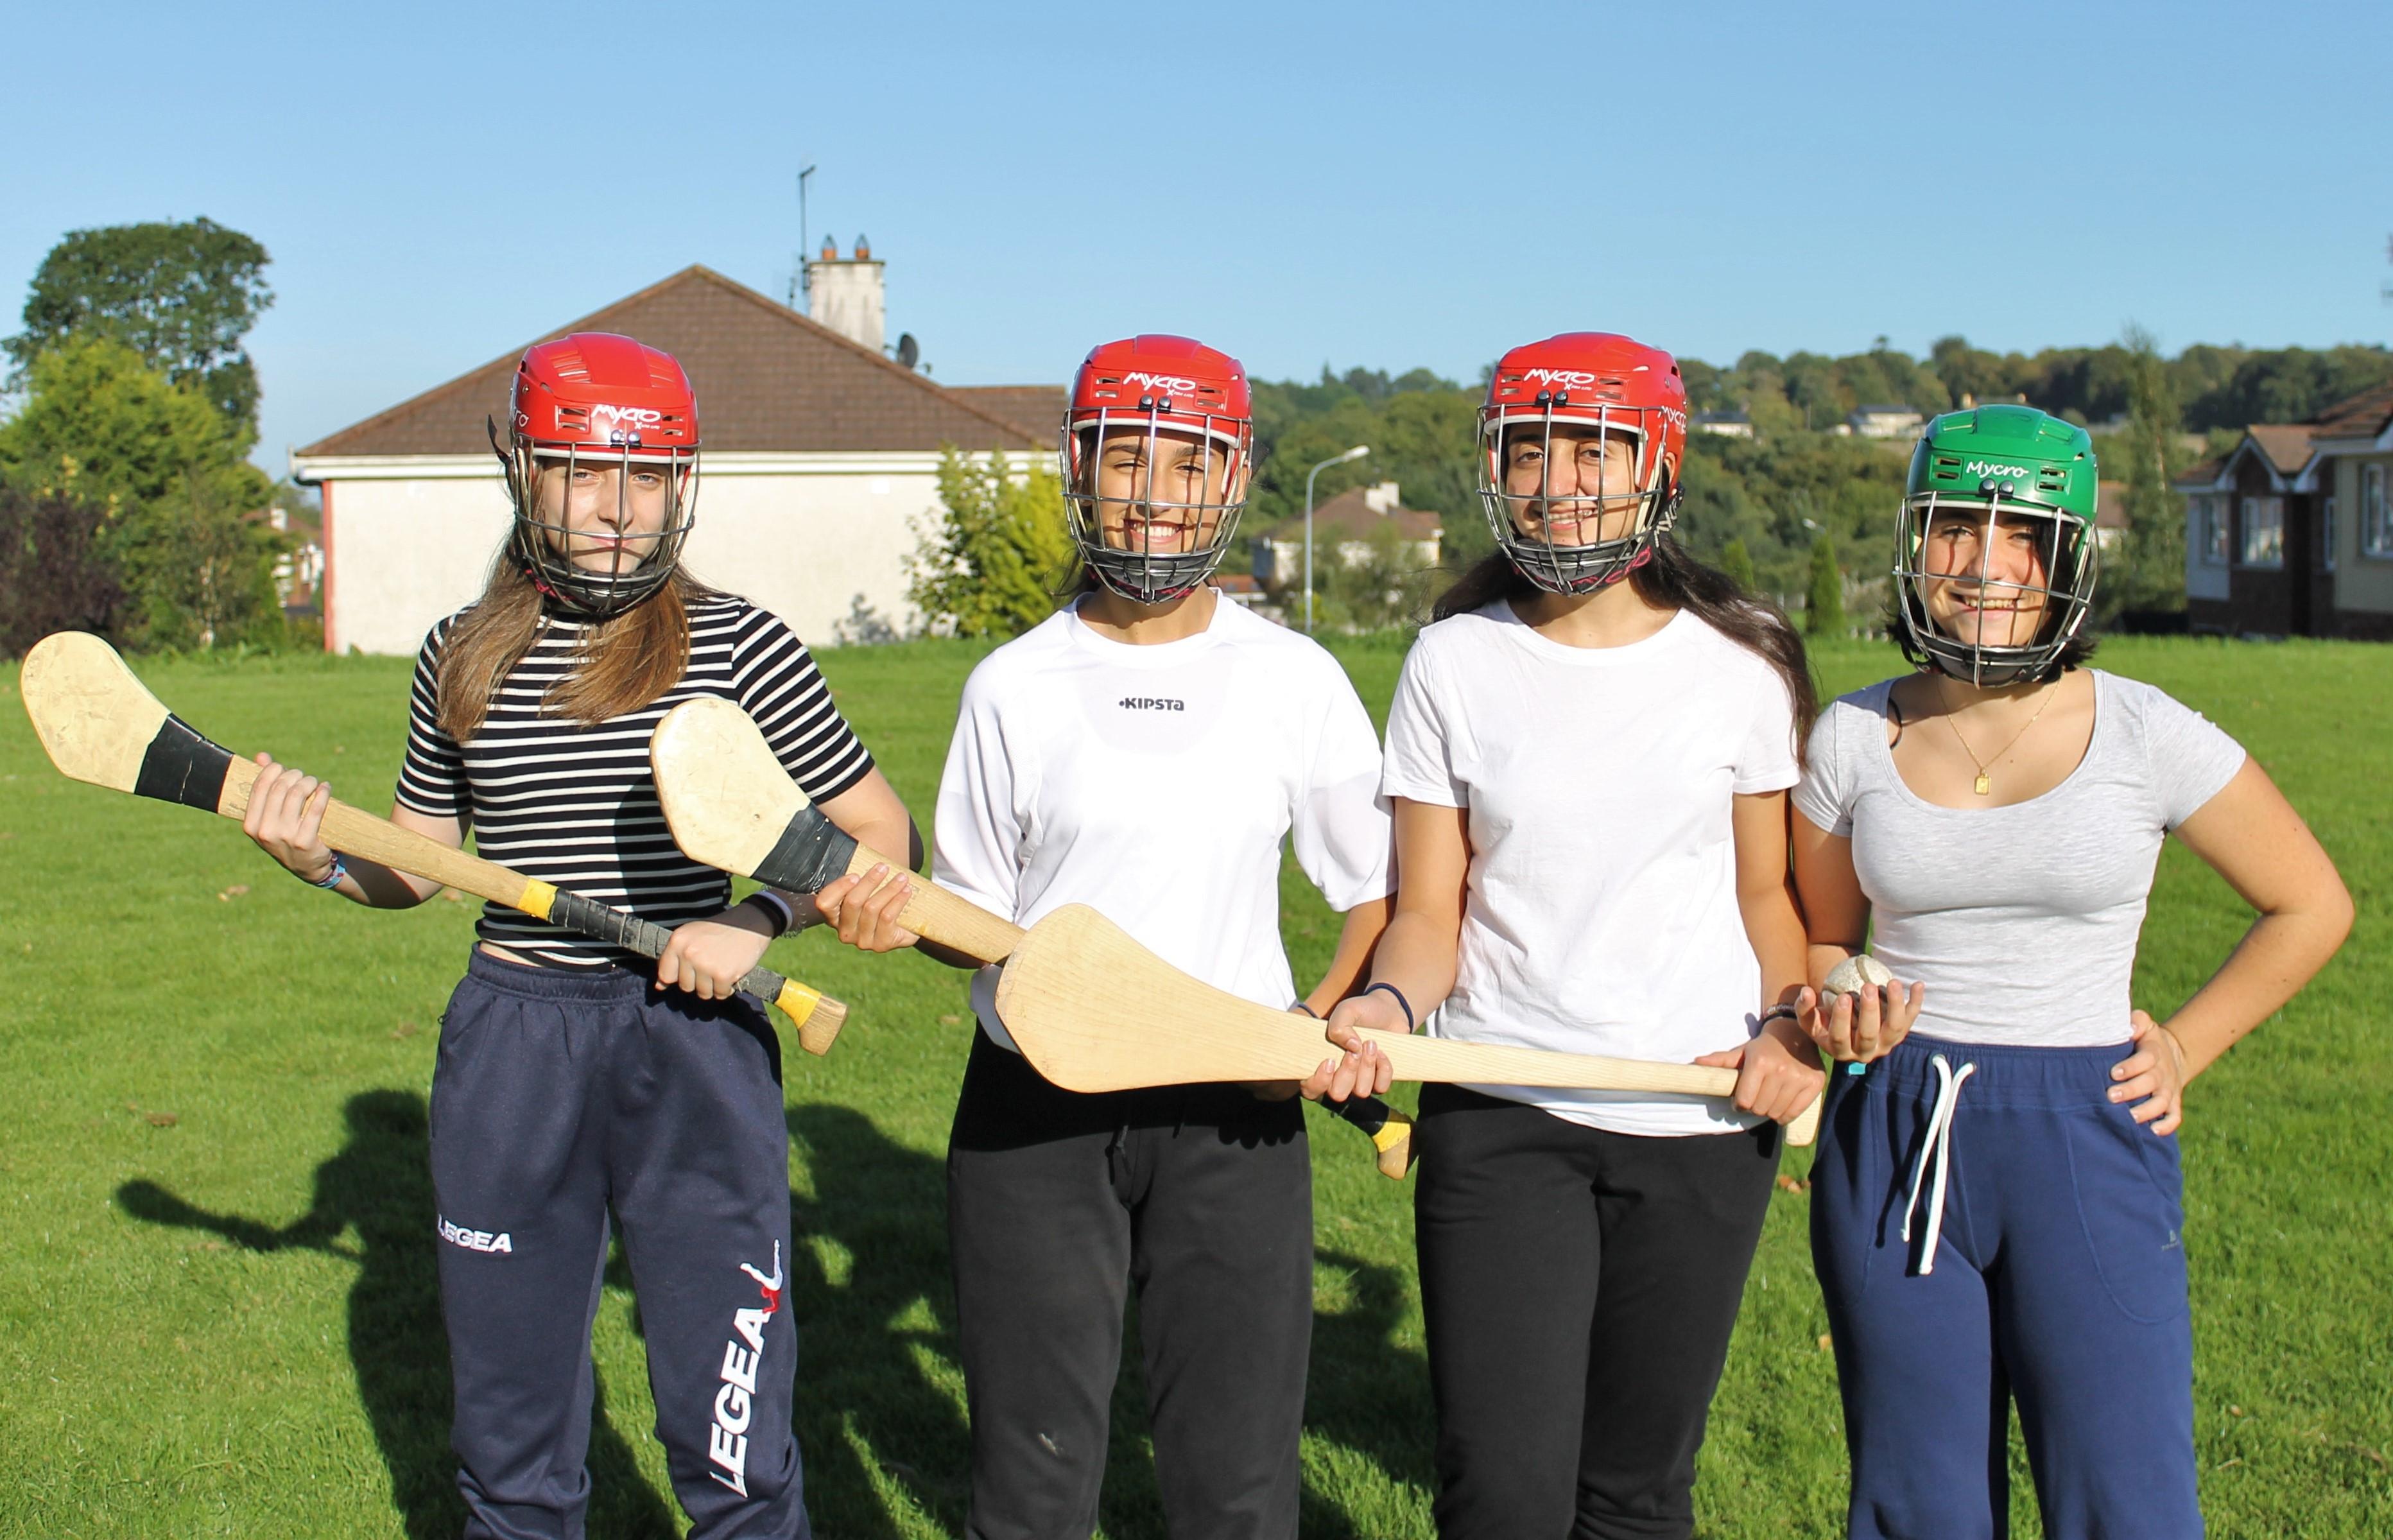 ¡Las chicas ya tienen todo lo necesario para empezar a jugar al Hurling!